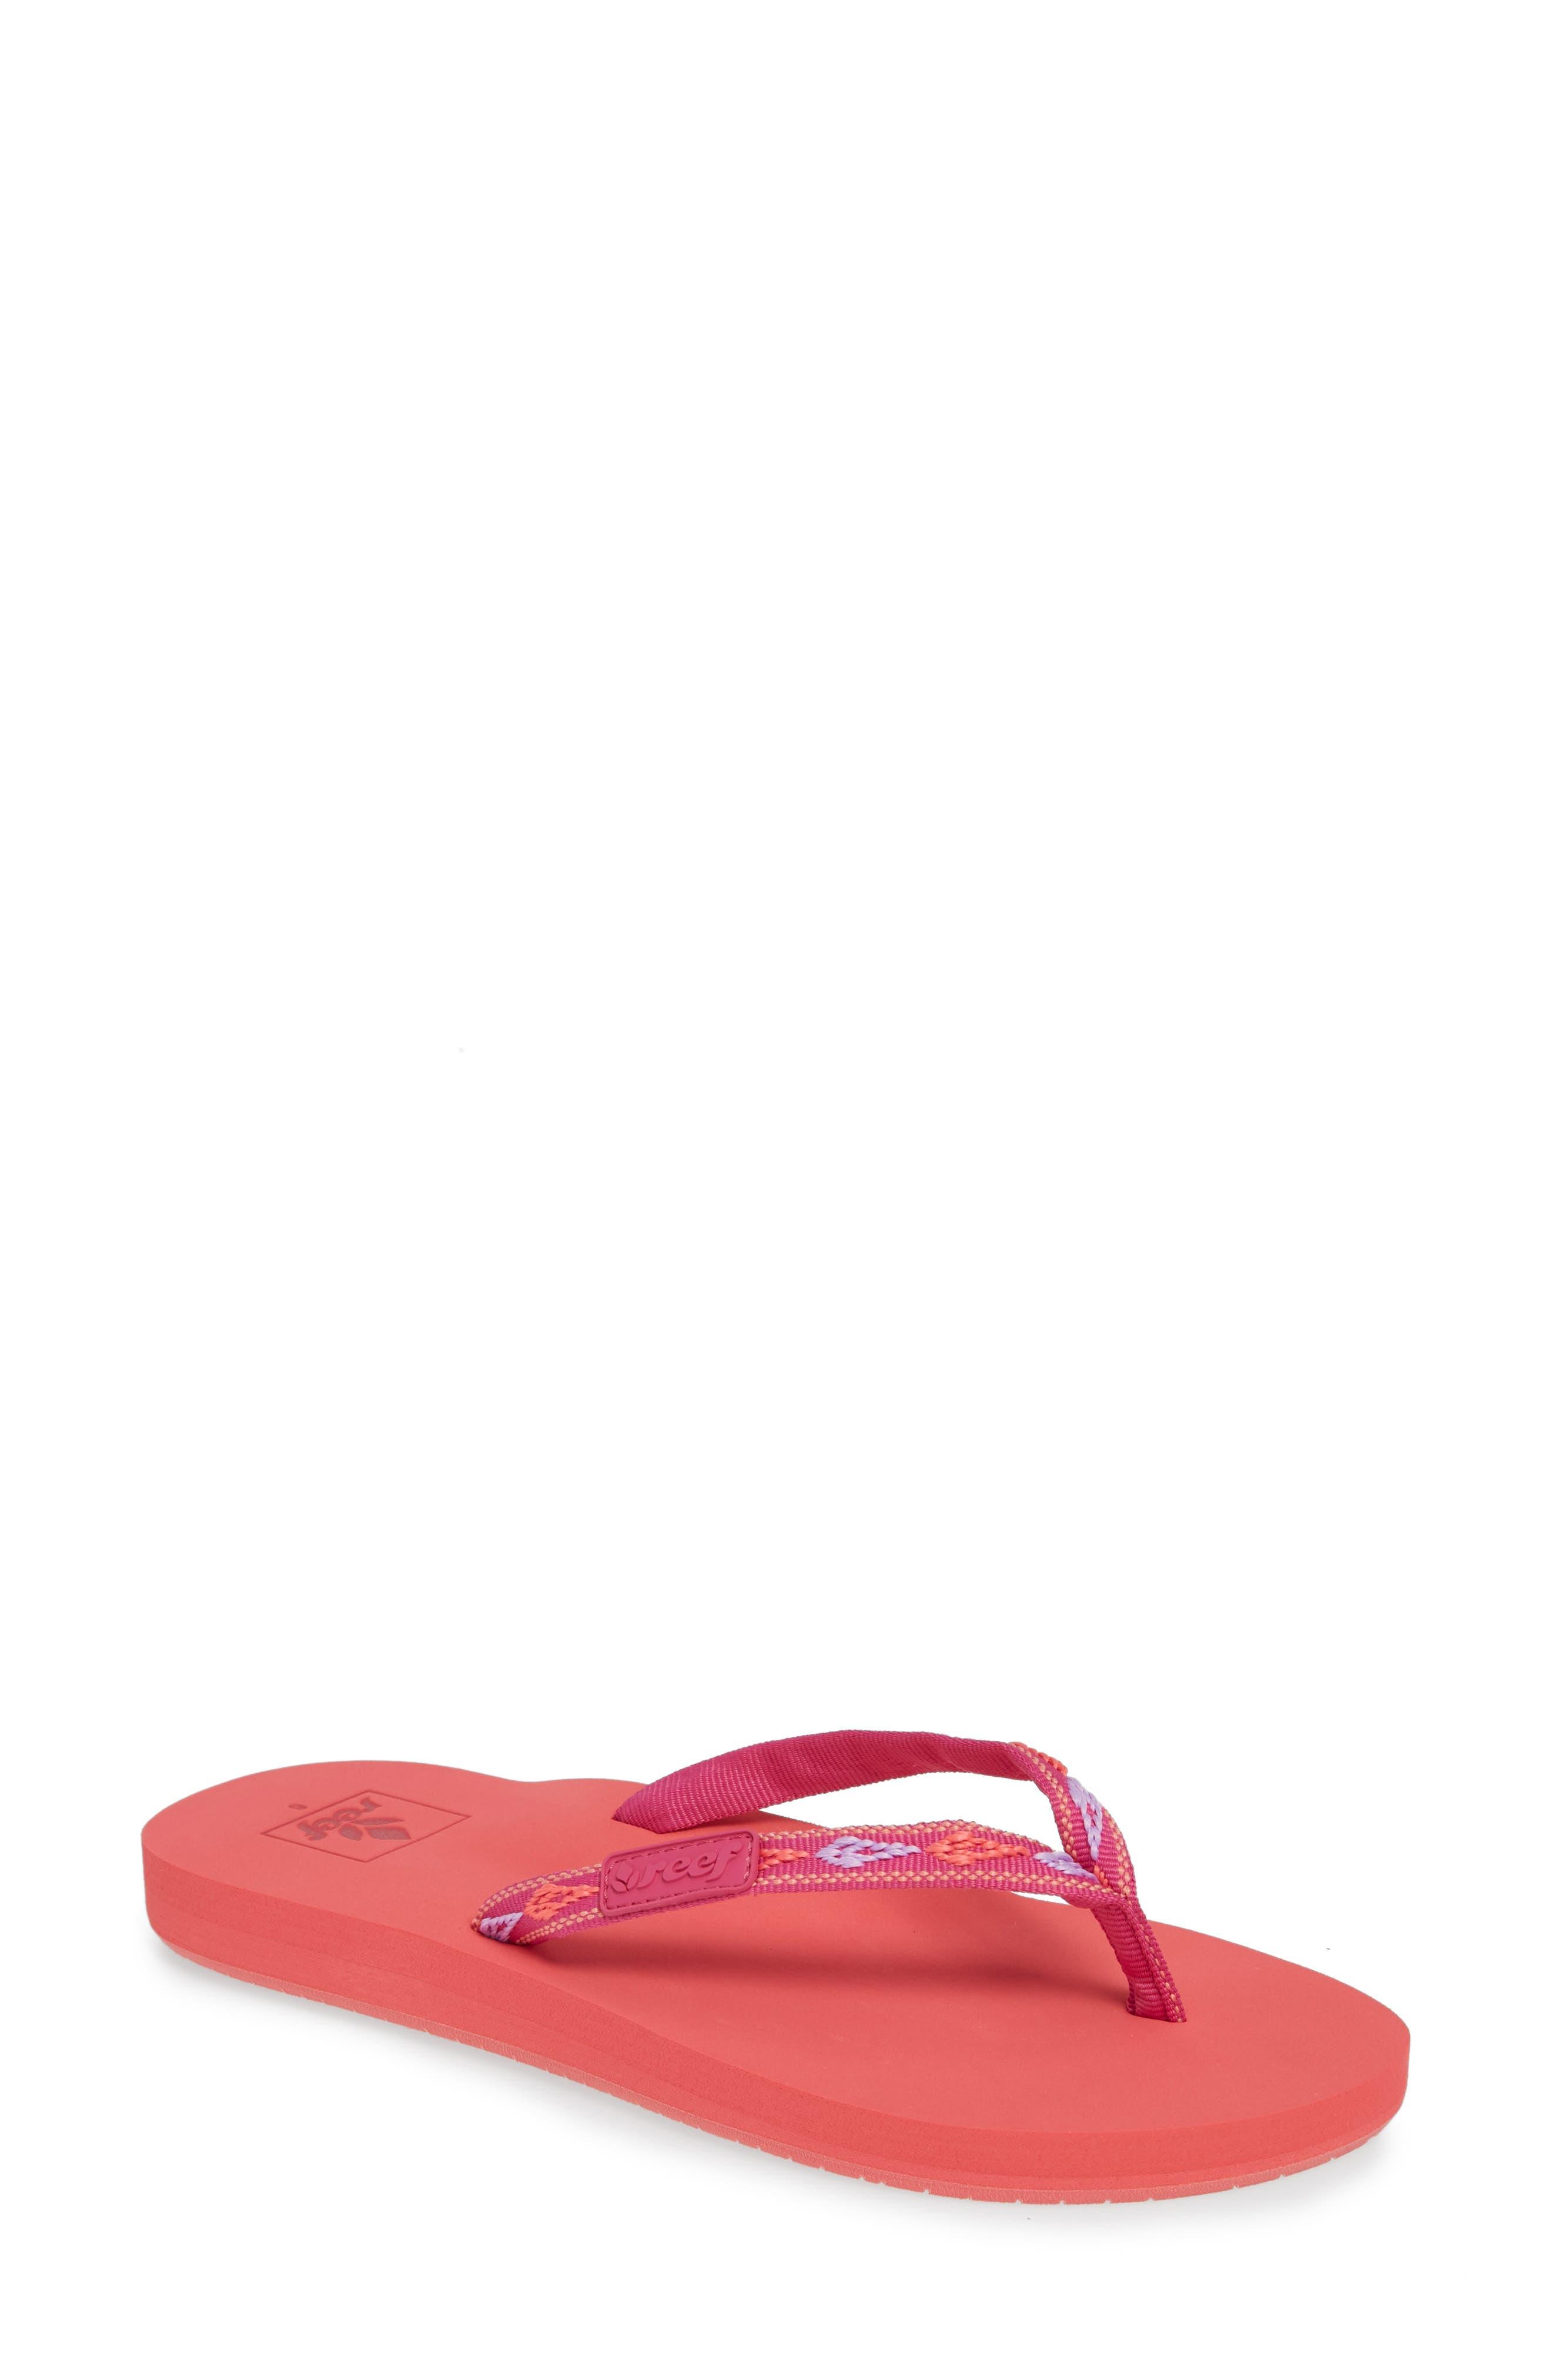 Reef Ginger Flip Flop, Pink